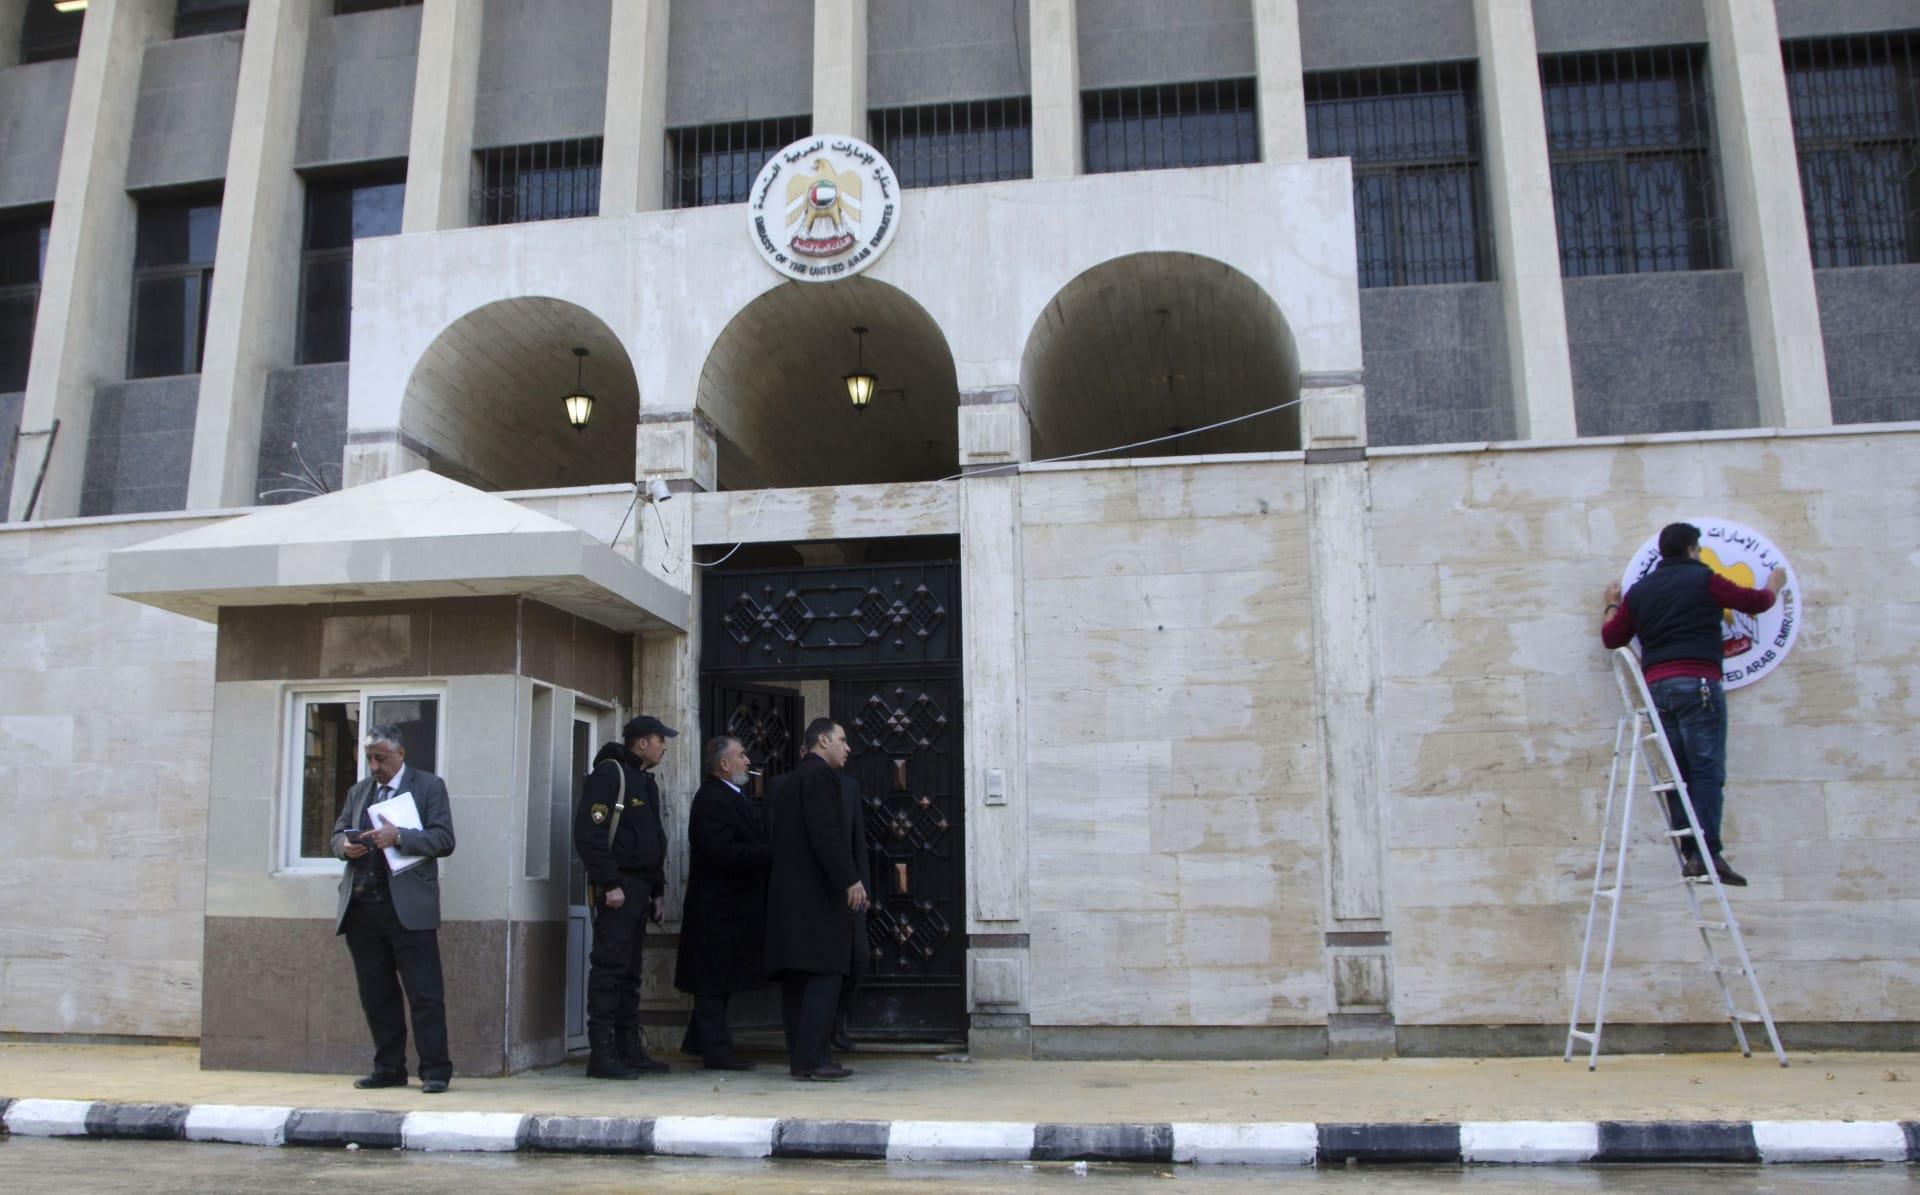 صورة لسفارة الإمارات العربية المتحدة في العاصمة السورية دمشق في 27 ديسمبر 2018 بعد إعادة فتحها